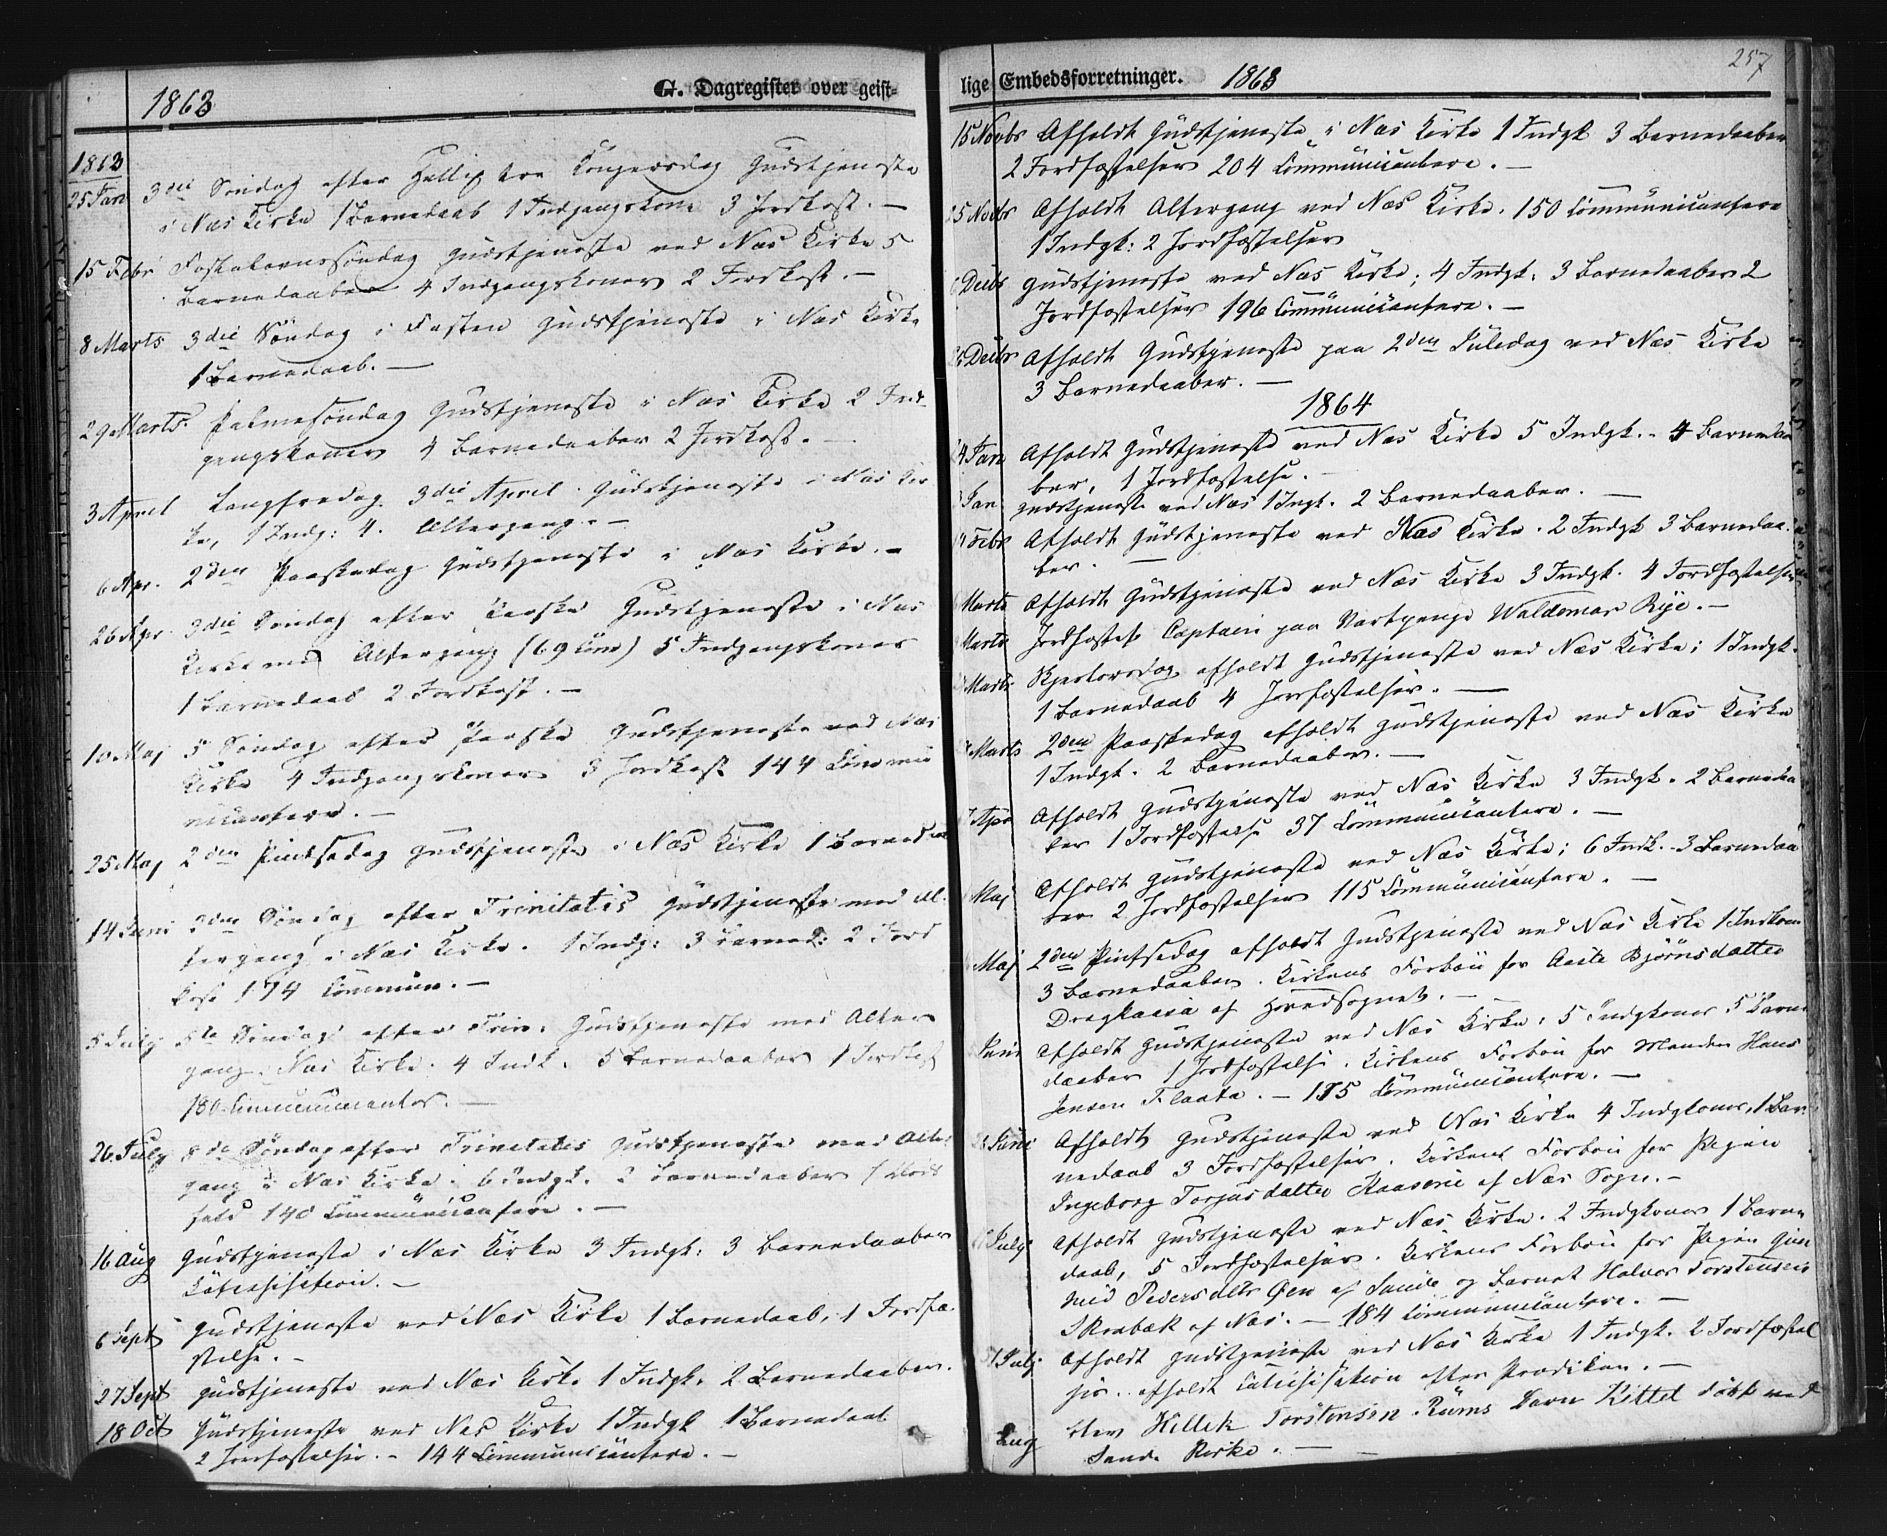 SAKO, Sauherad kirkebøker, F/Fb/L0001: Ministerialbok nr. II 1, 1851-1877, s. 257